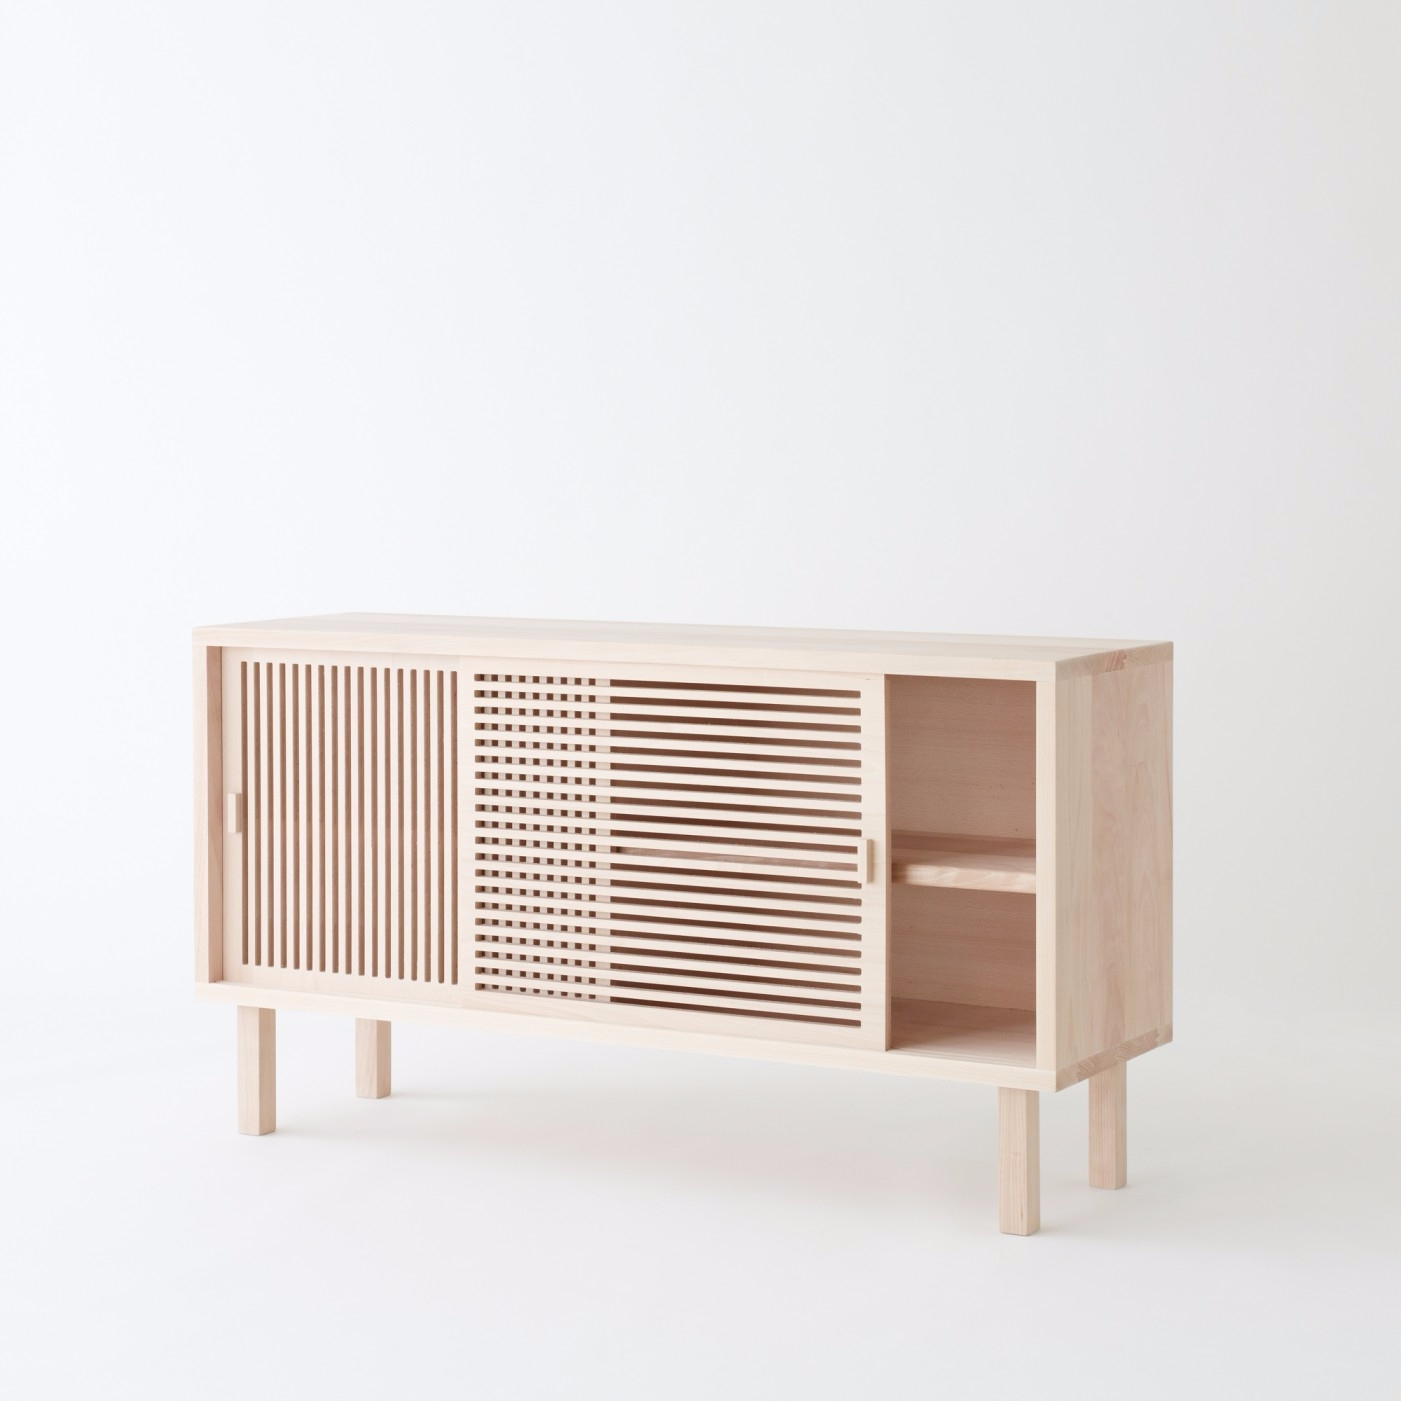 Buffet Kyoto Colonel - furnituredesign - mauudhi | ello